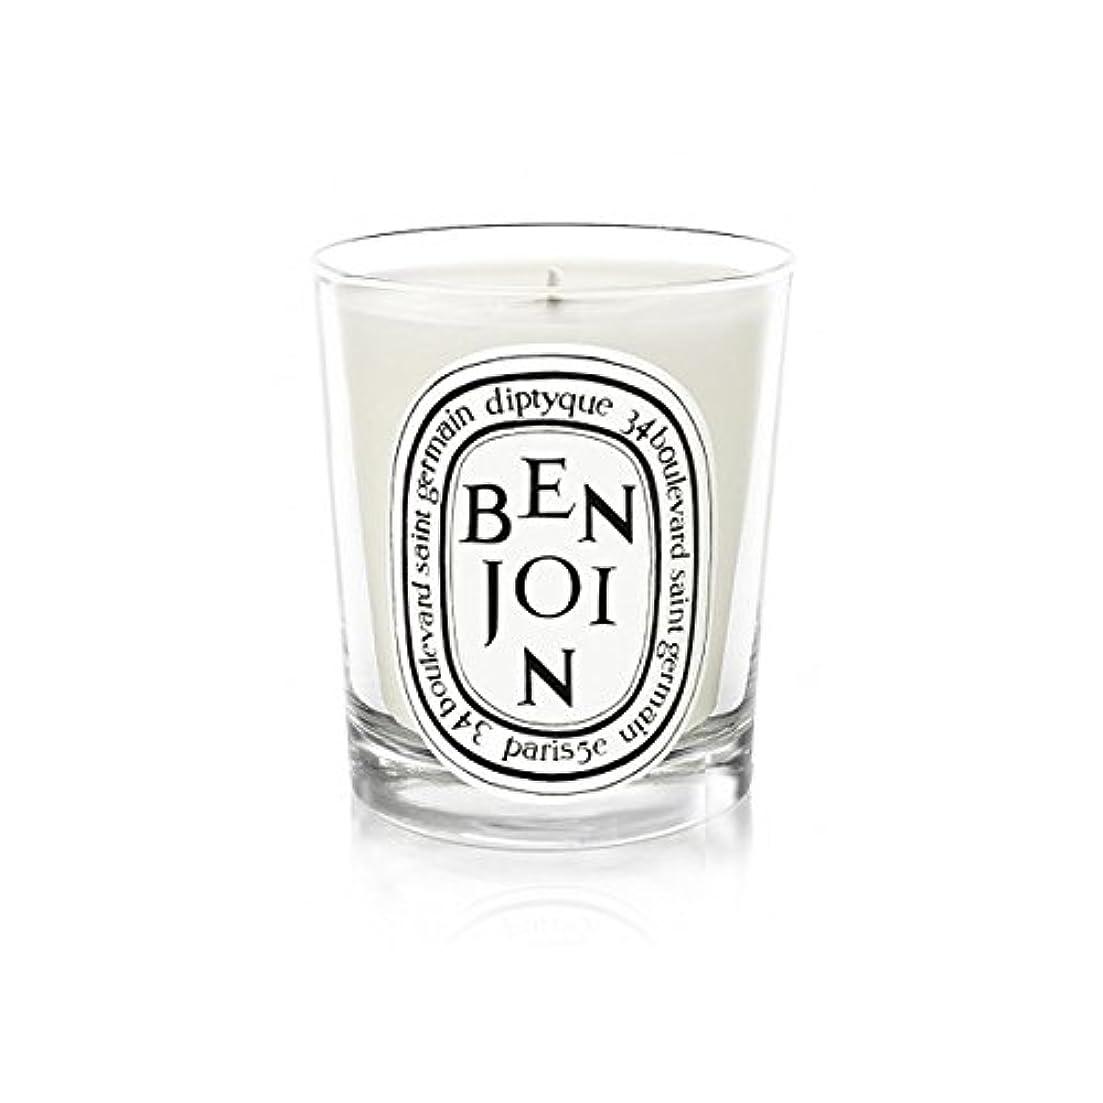 ダイジェストびっくり混合DiptyqueキャンドルBenjoinの190グラム - Diptyque Candle Benjoin 190g (Diptyque) [並行輸入品]